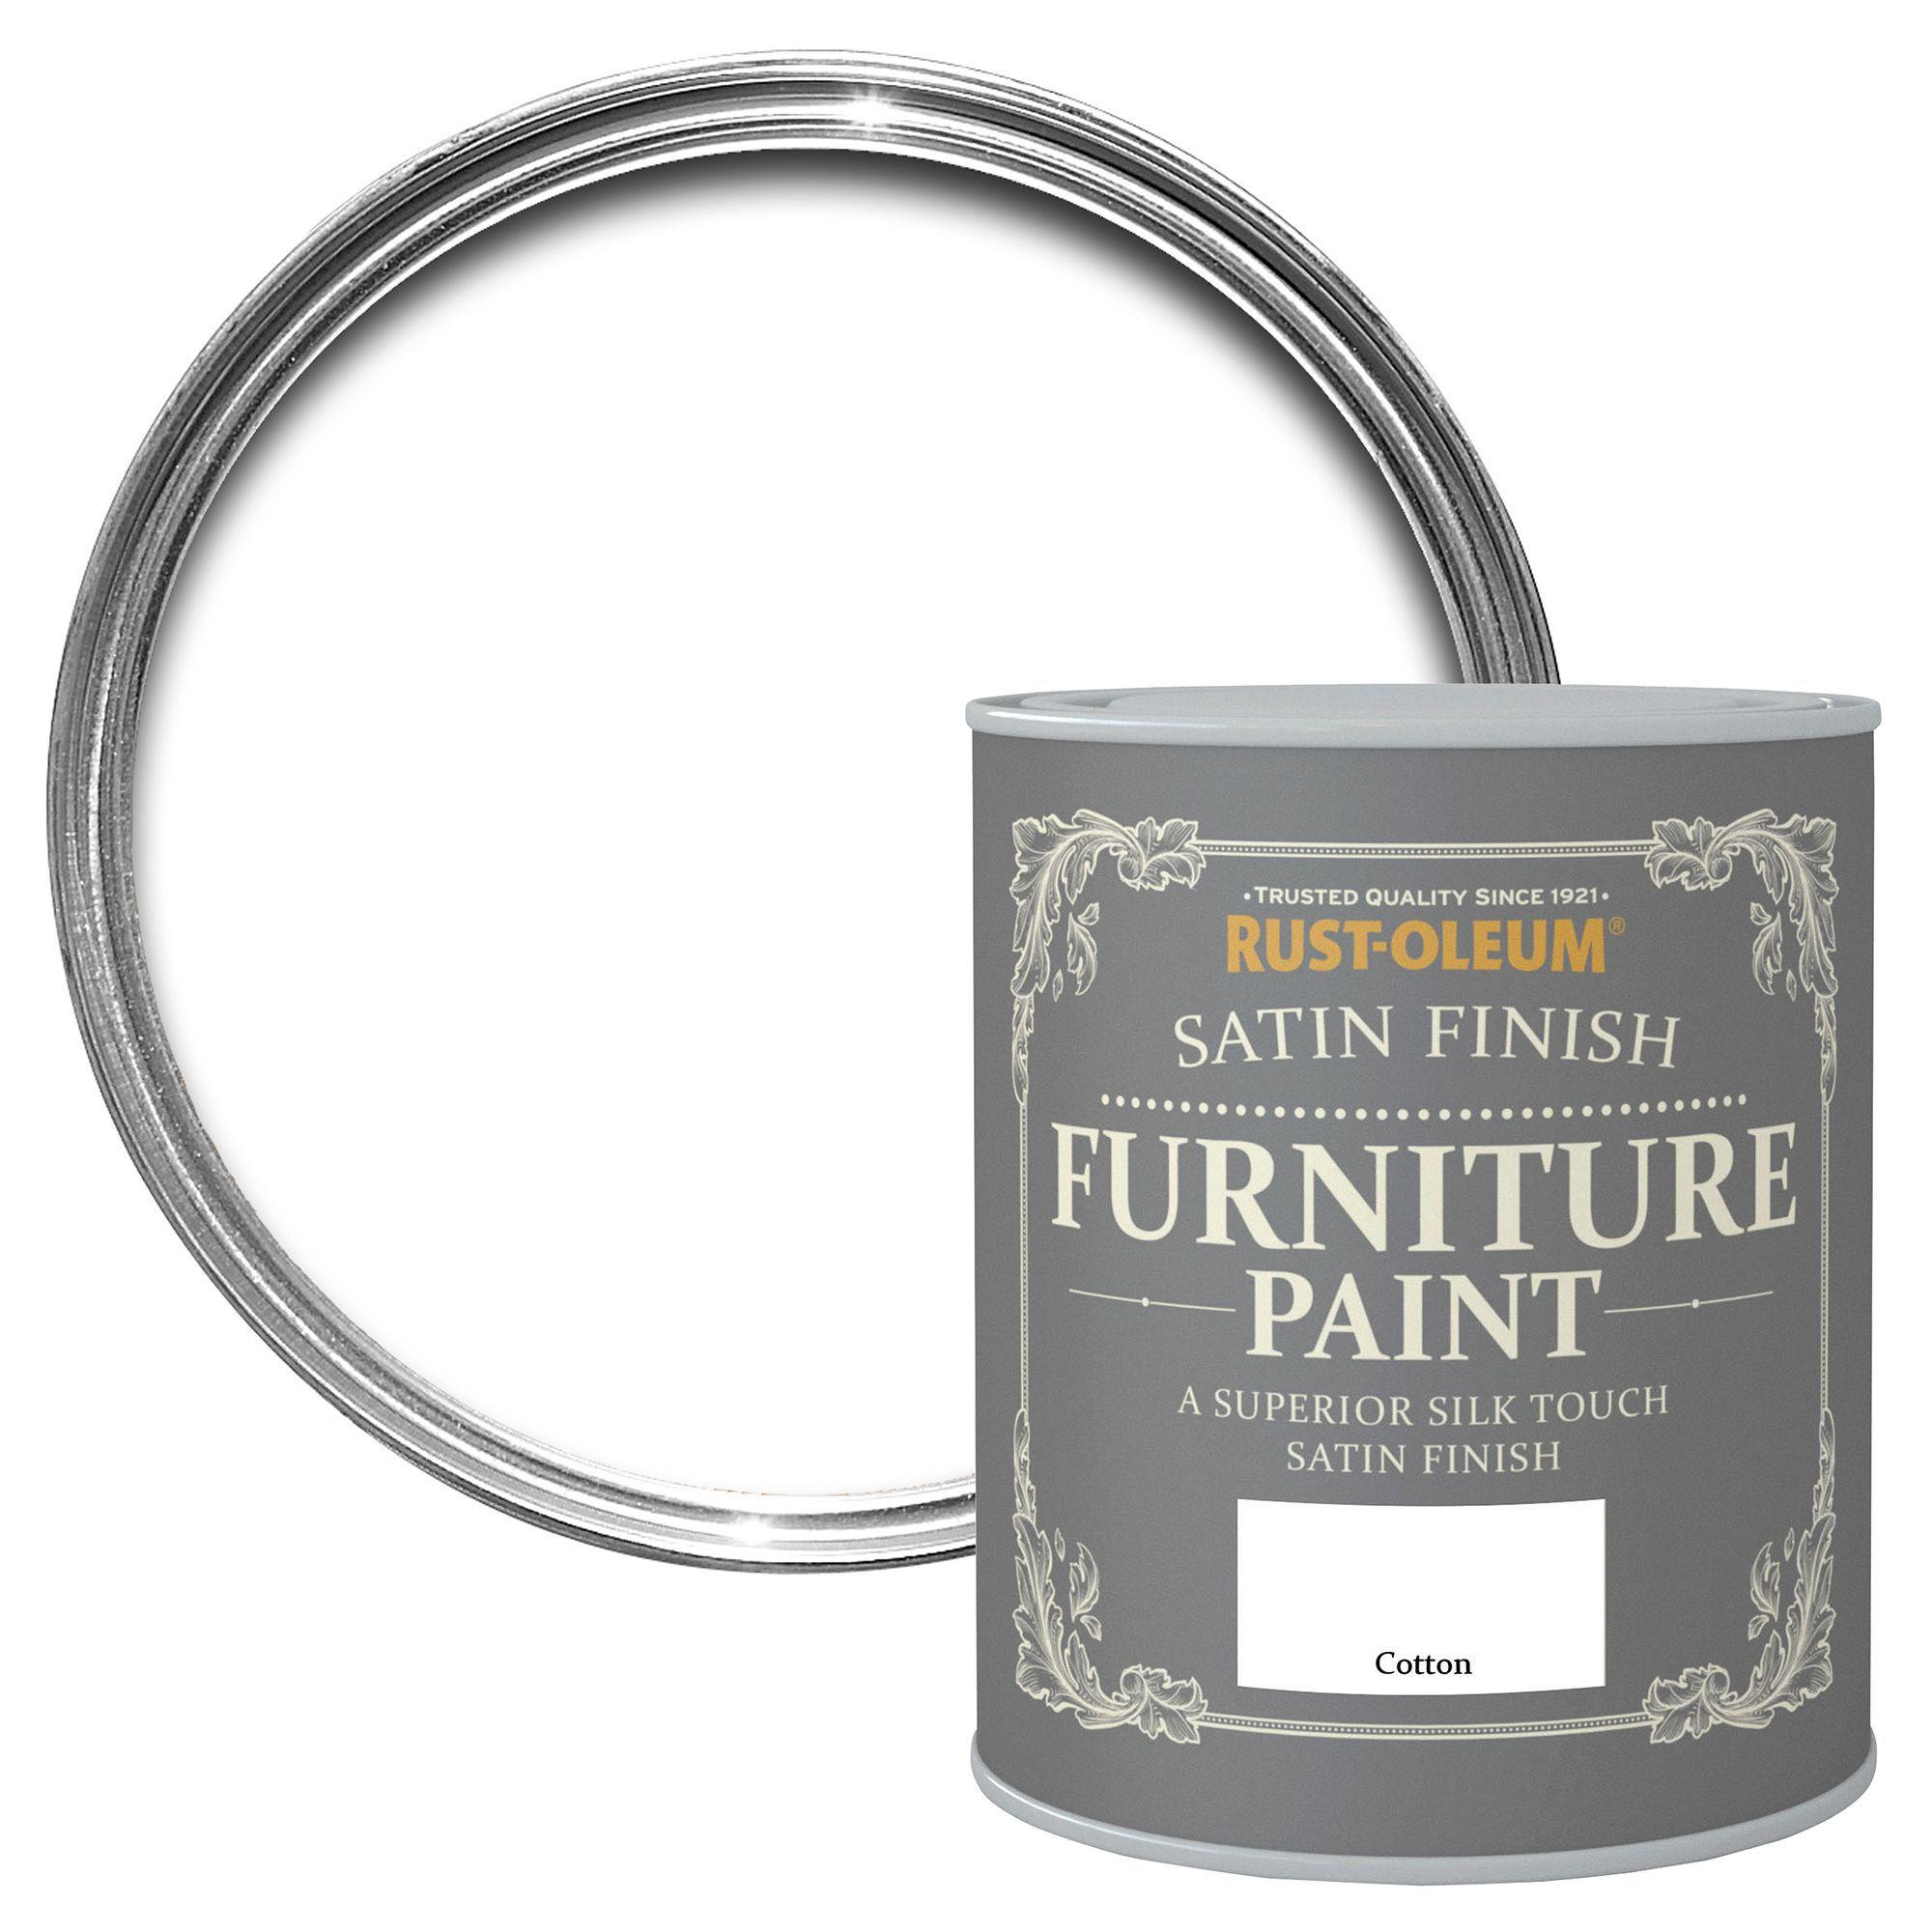 Rust Oleum Satin Finish Furniture Paint Cotton Ml